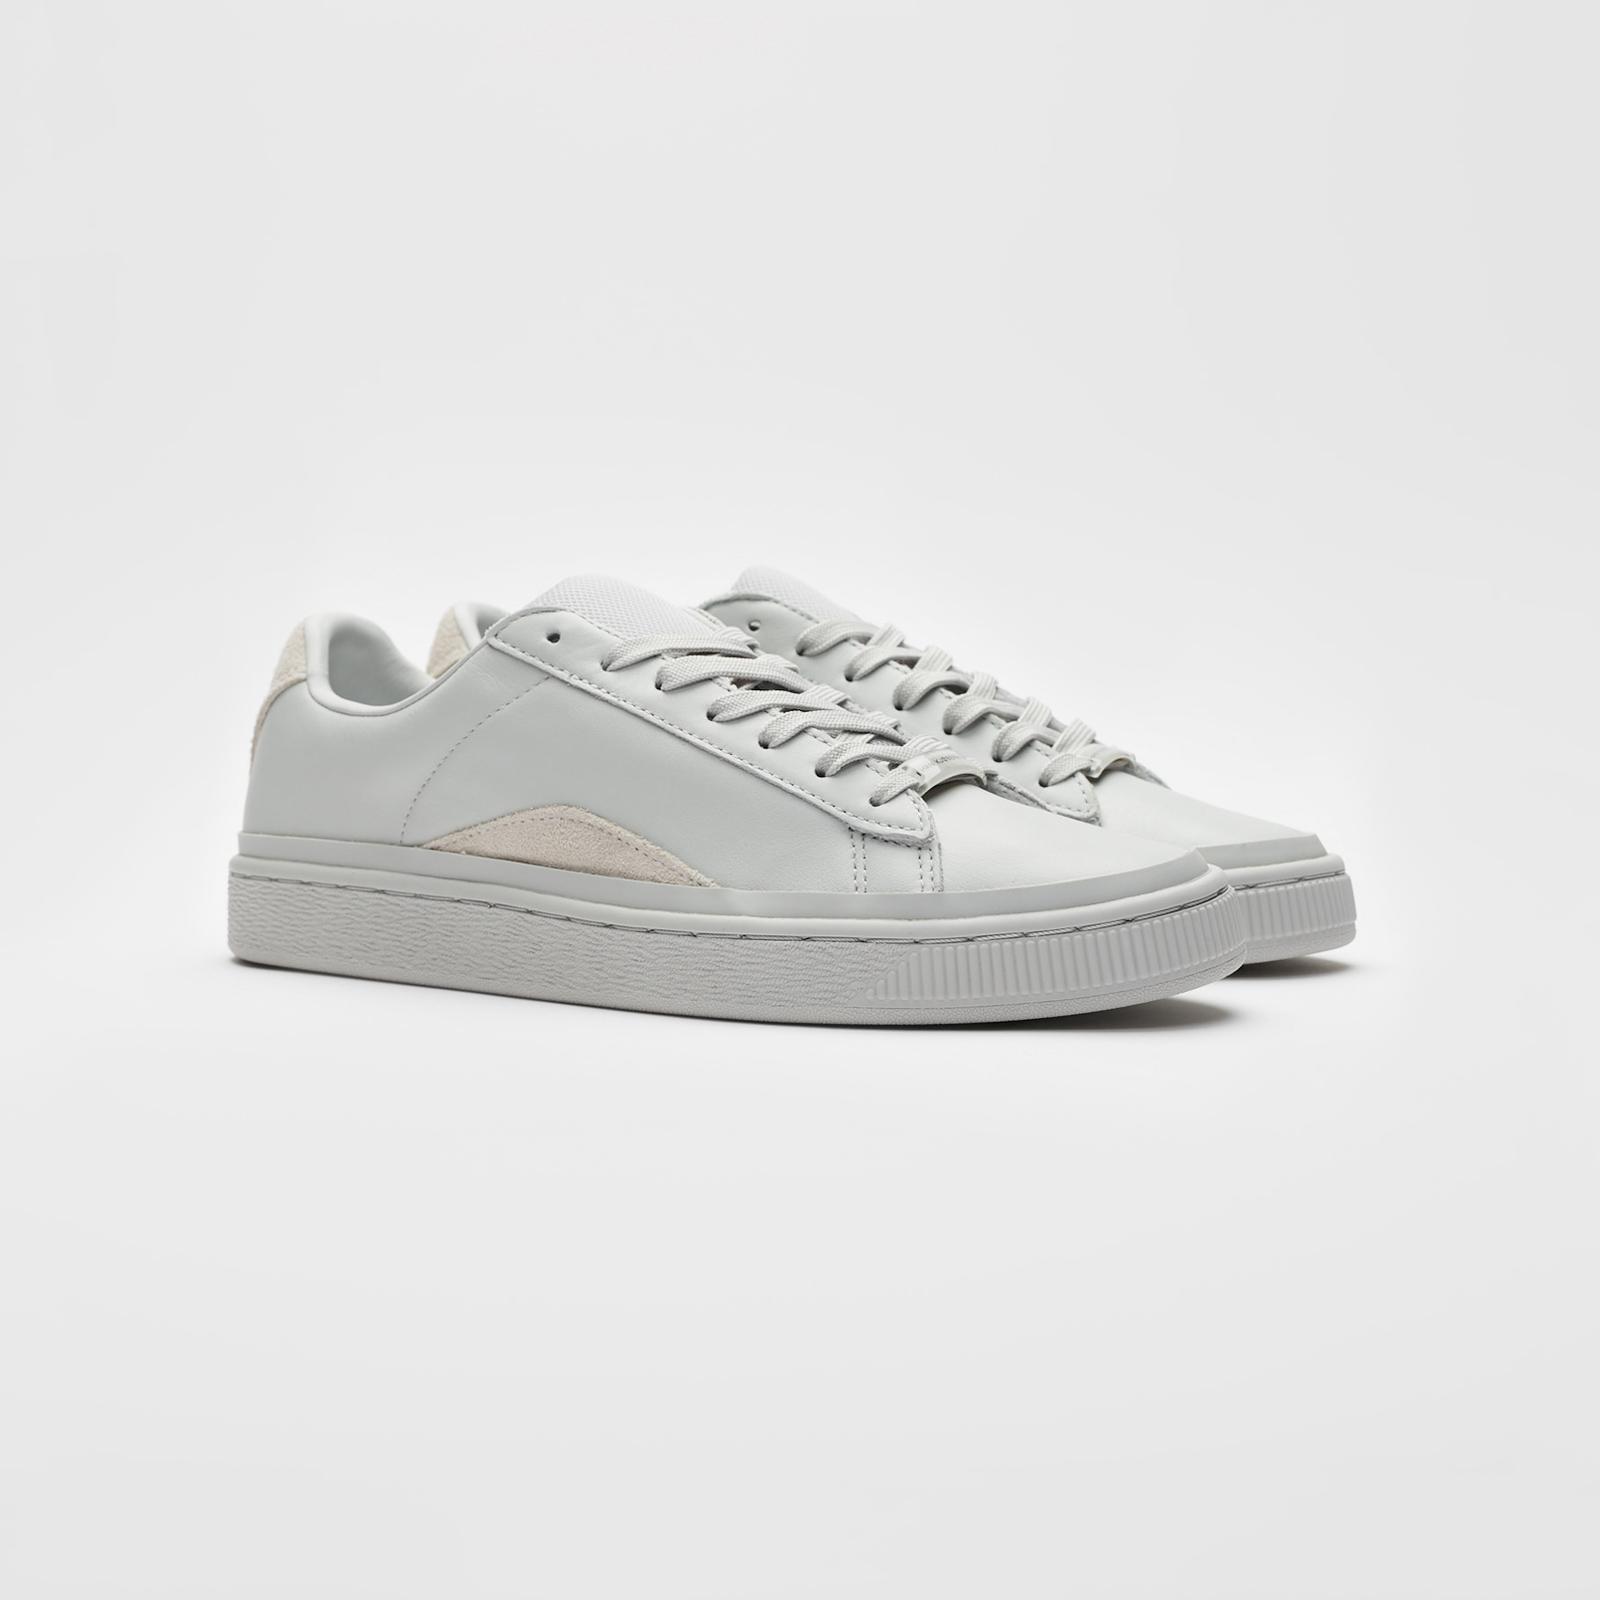 best service 576fd f949e Puma Basket HAN - 367185-02 - Sneakersnstuff | sneakers ...